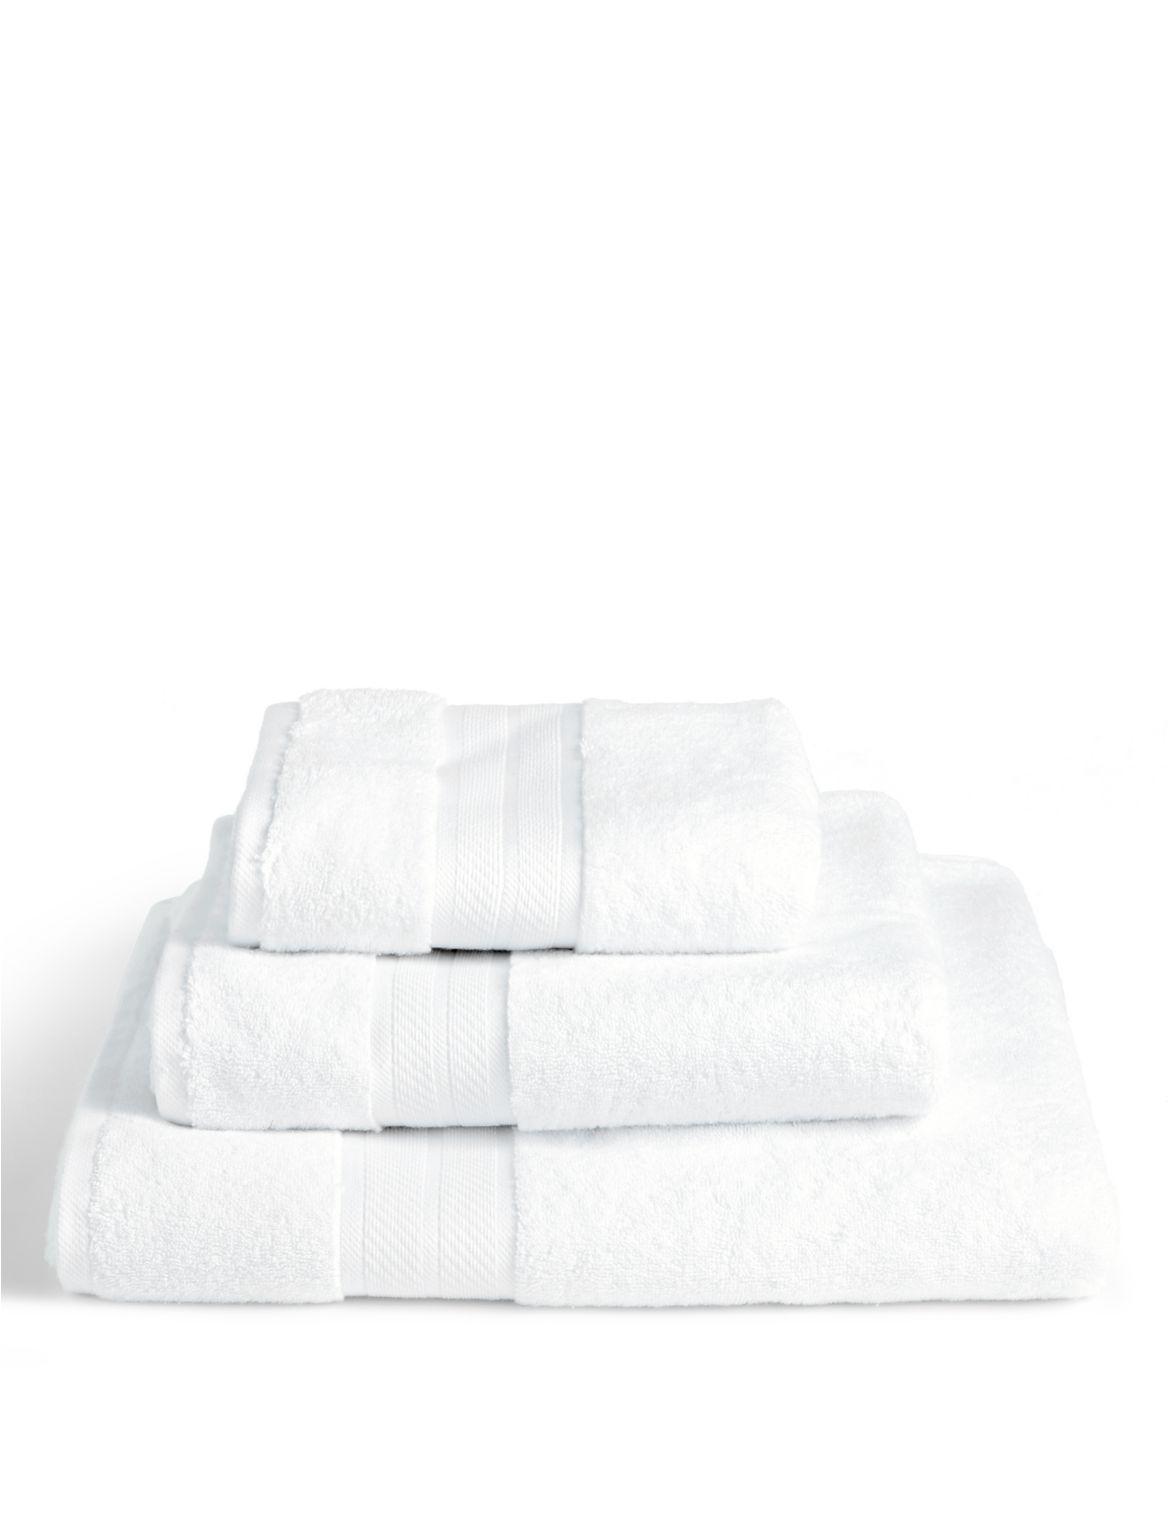 Marks and Spencer - Serviette en coton de turquie de qualité supérieure